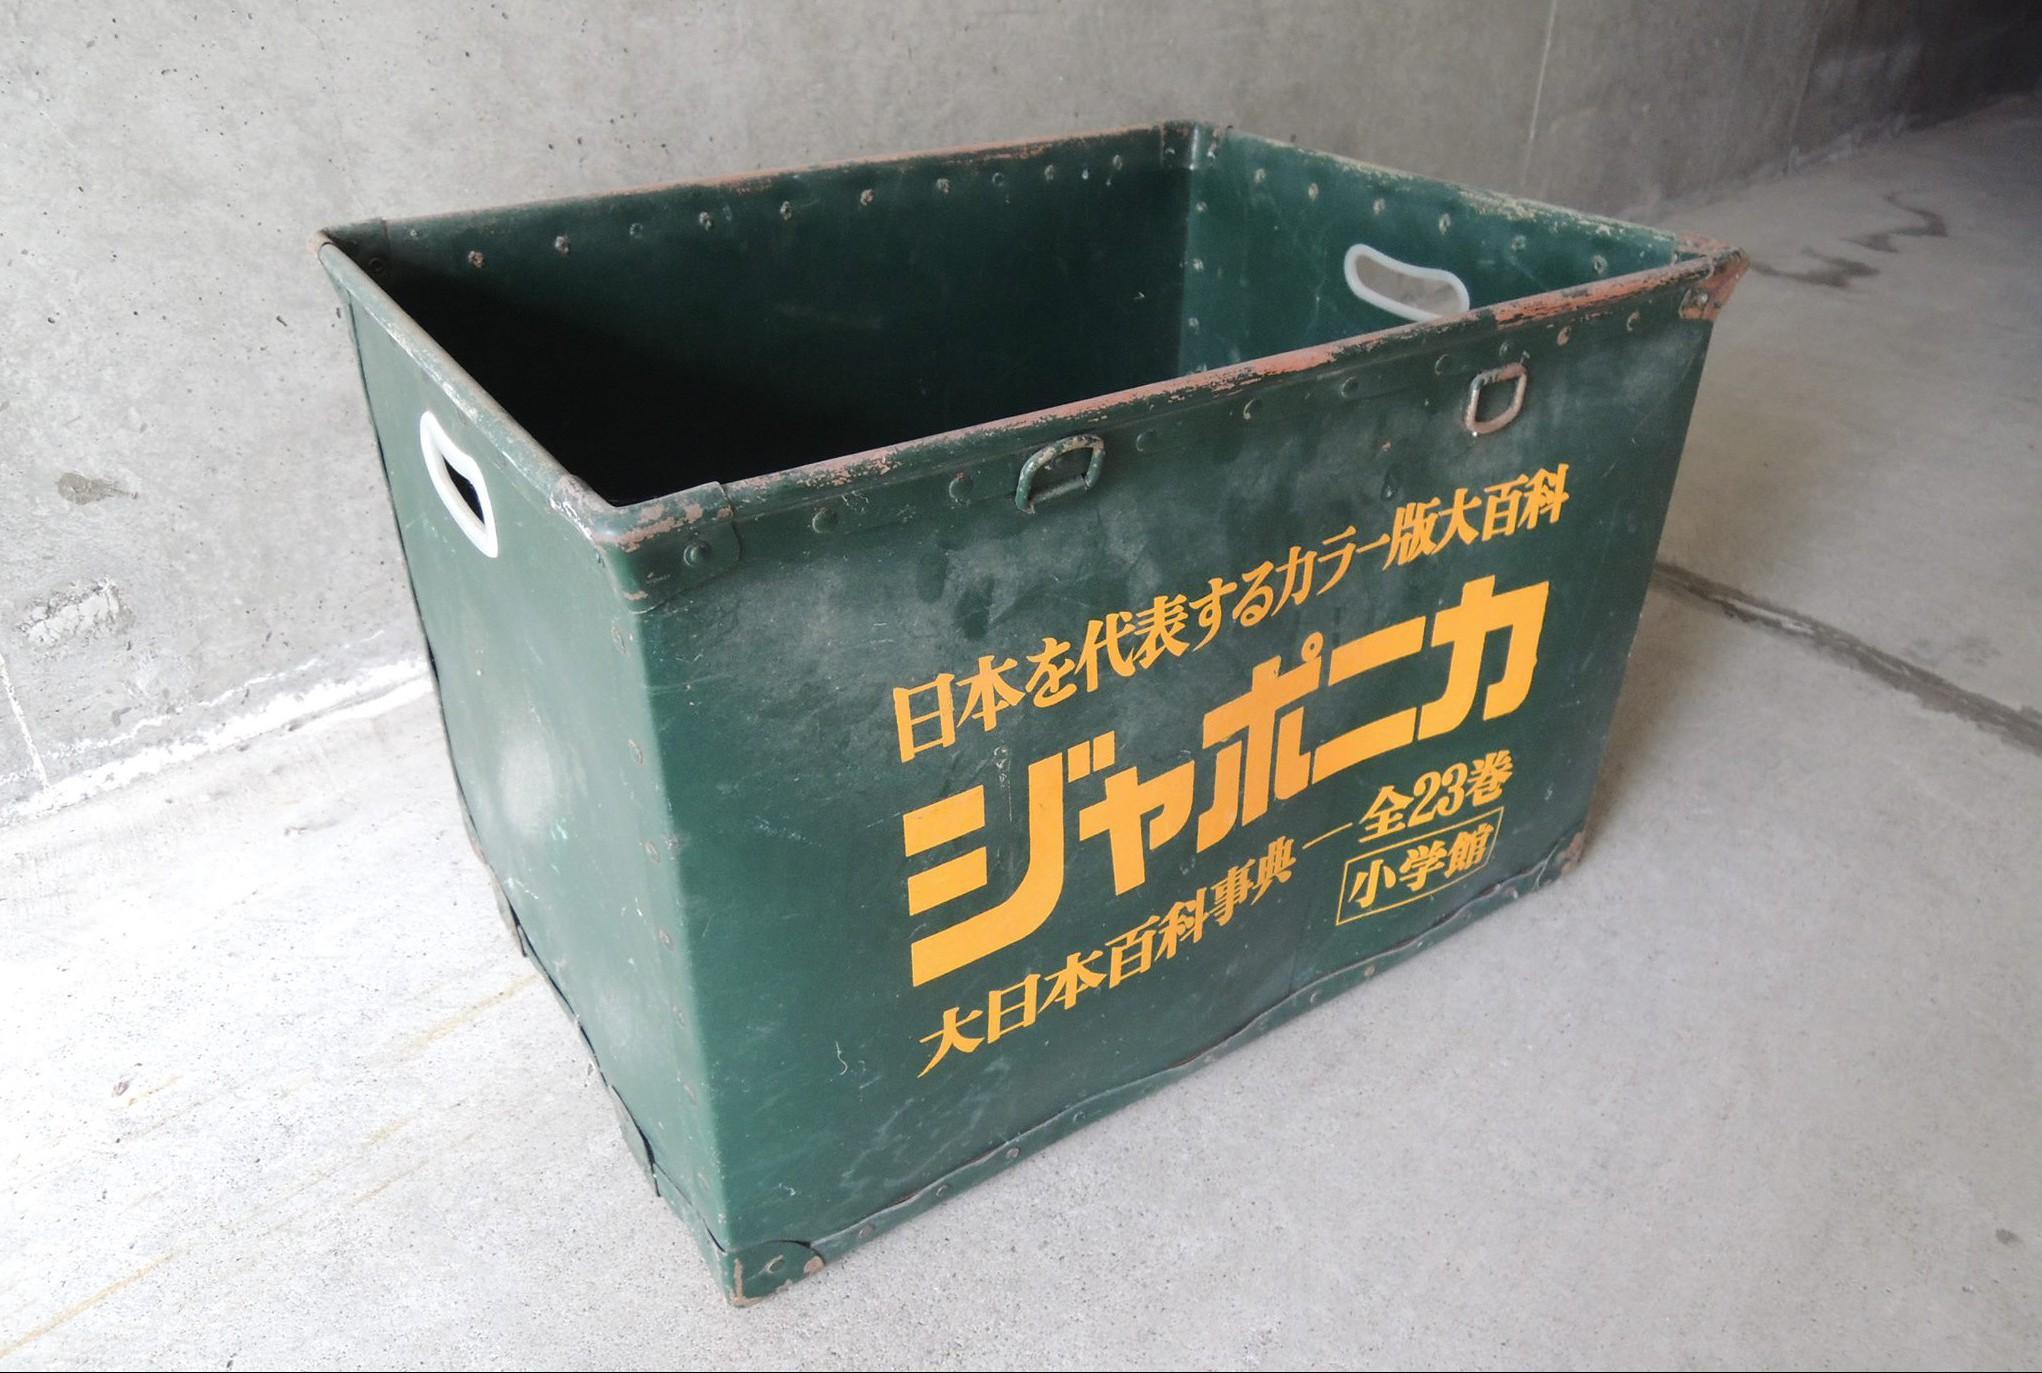 ファイバーで作られた昔のボックス。本屋さんがオートバイの後ろに積んで配達したりしてましたね。写真提供:安達紙器工業